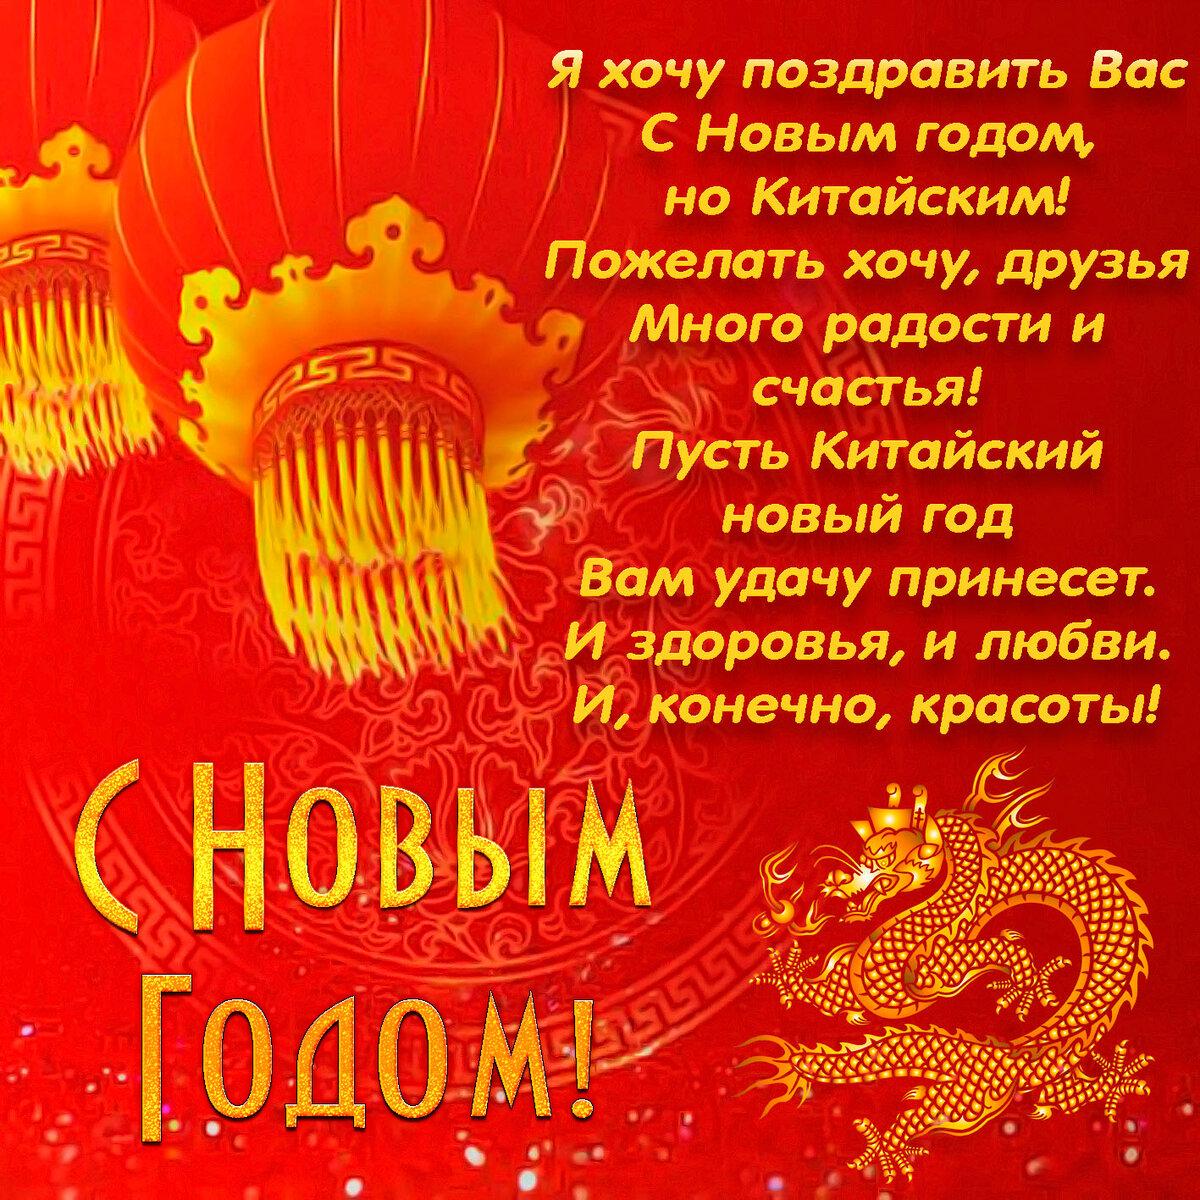 Танки, открытка китайцам с новым годом